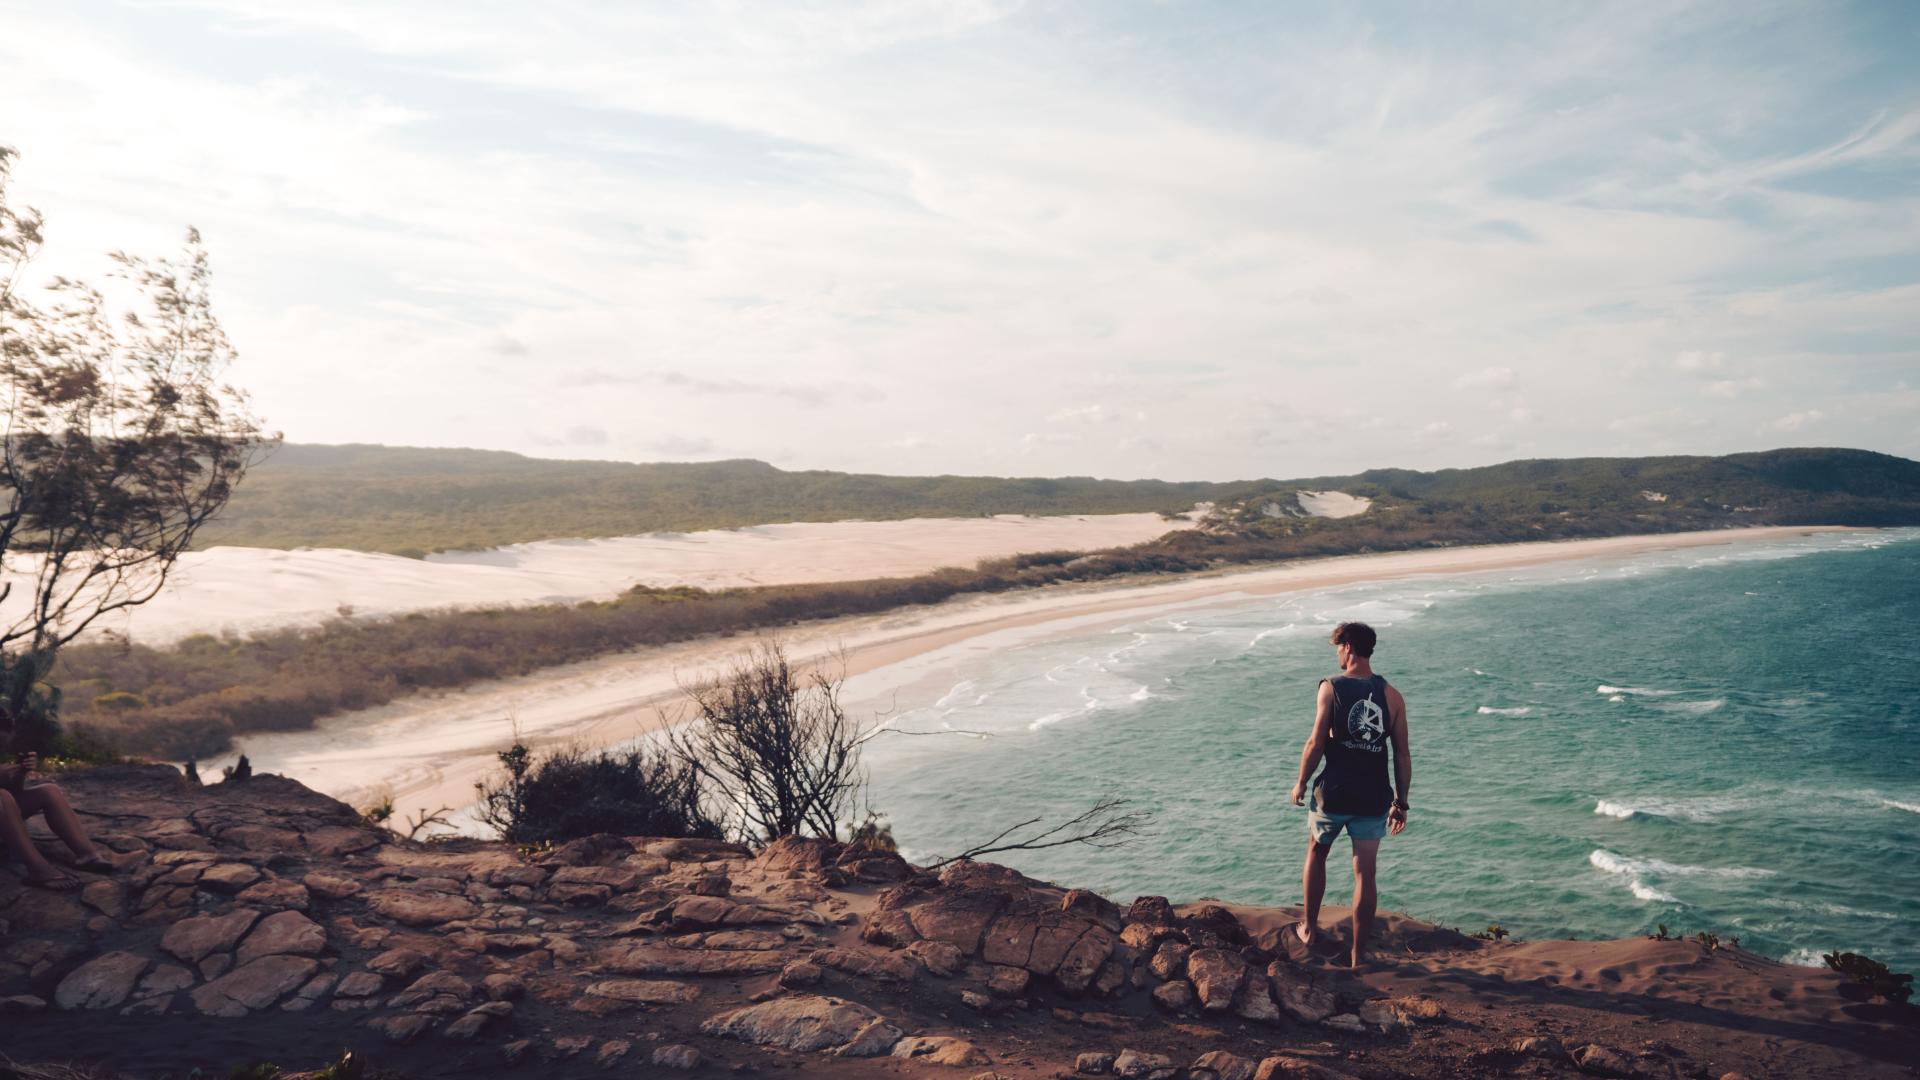 Australia East Coast: The End Of Semester